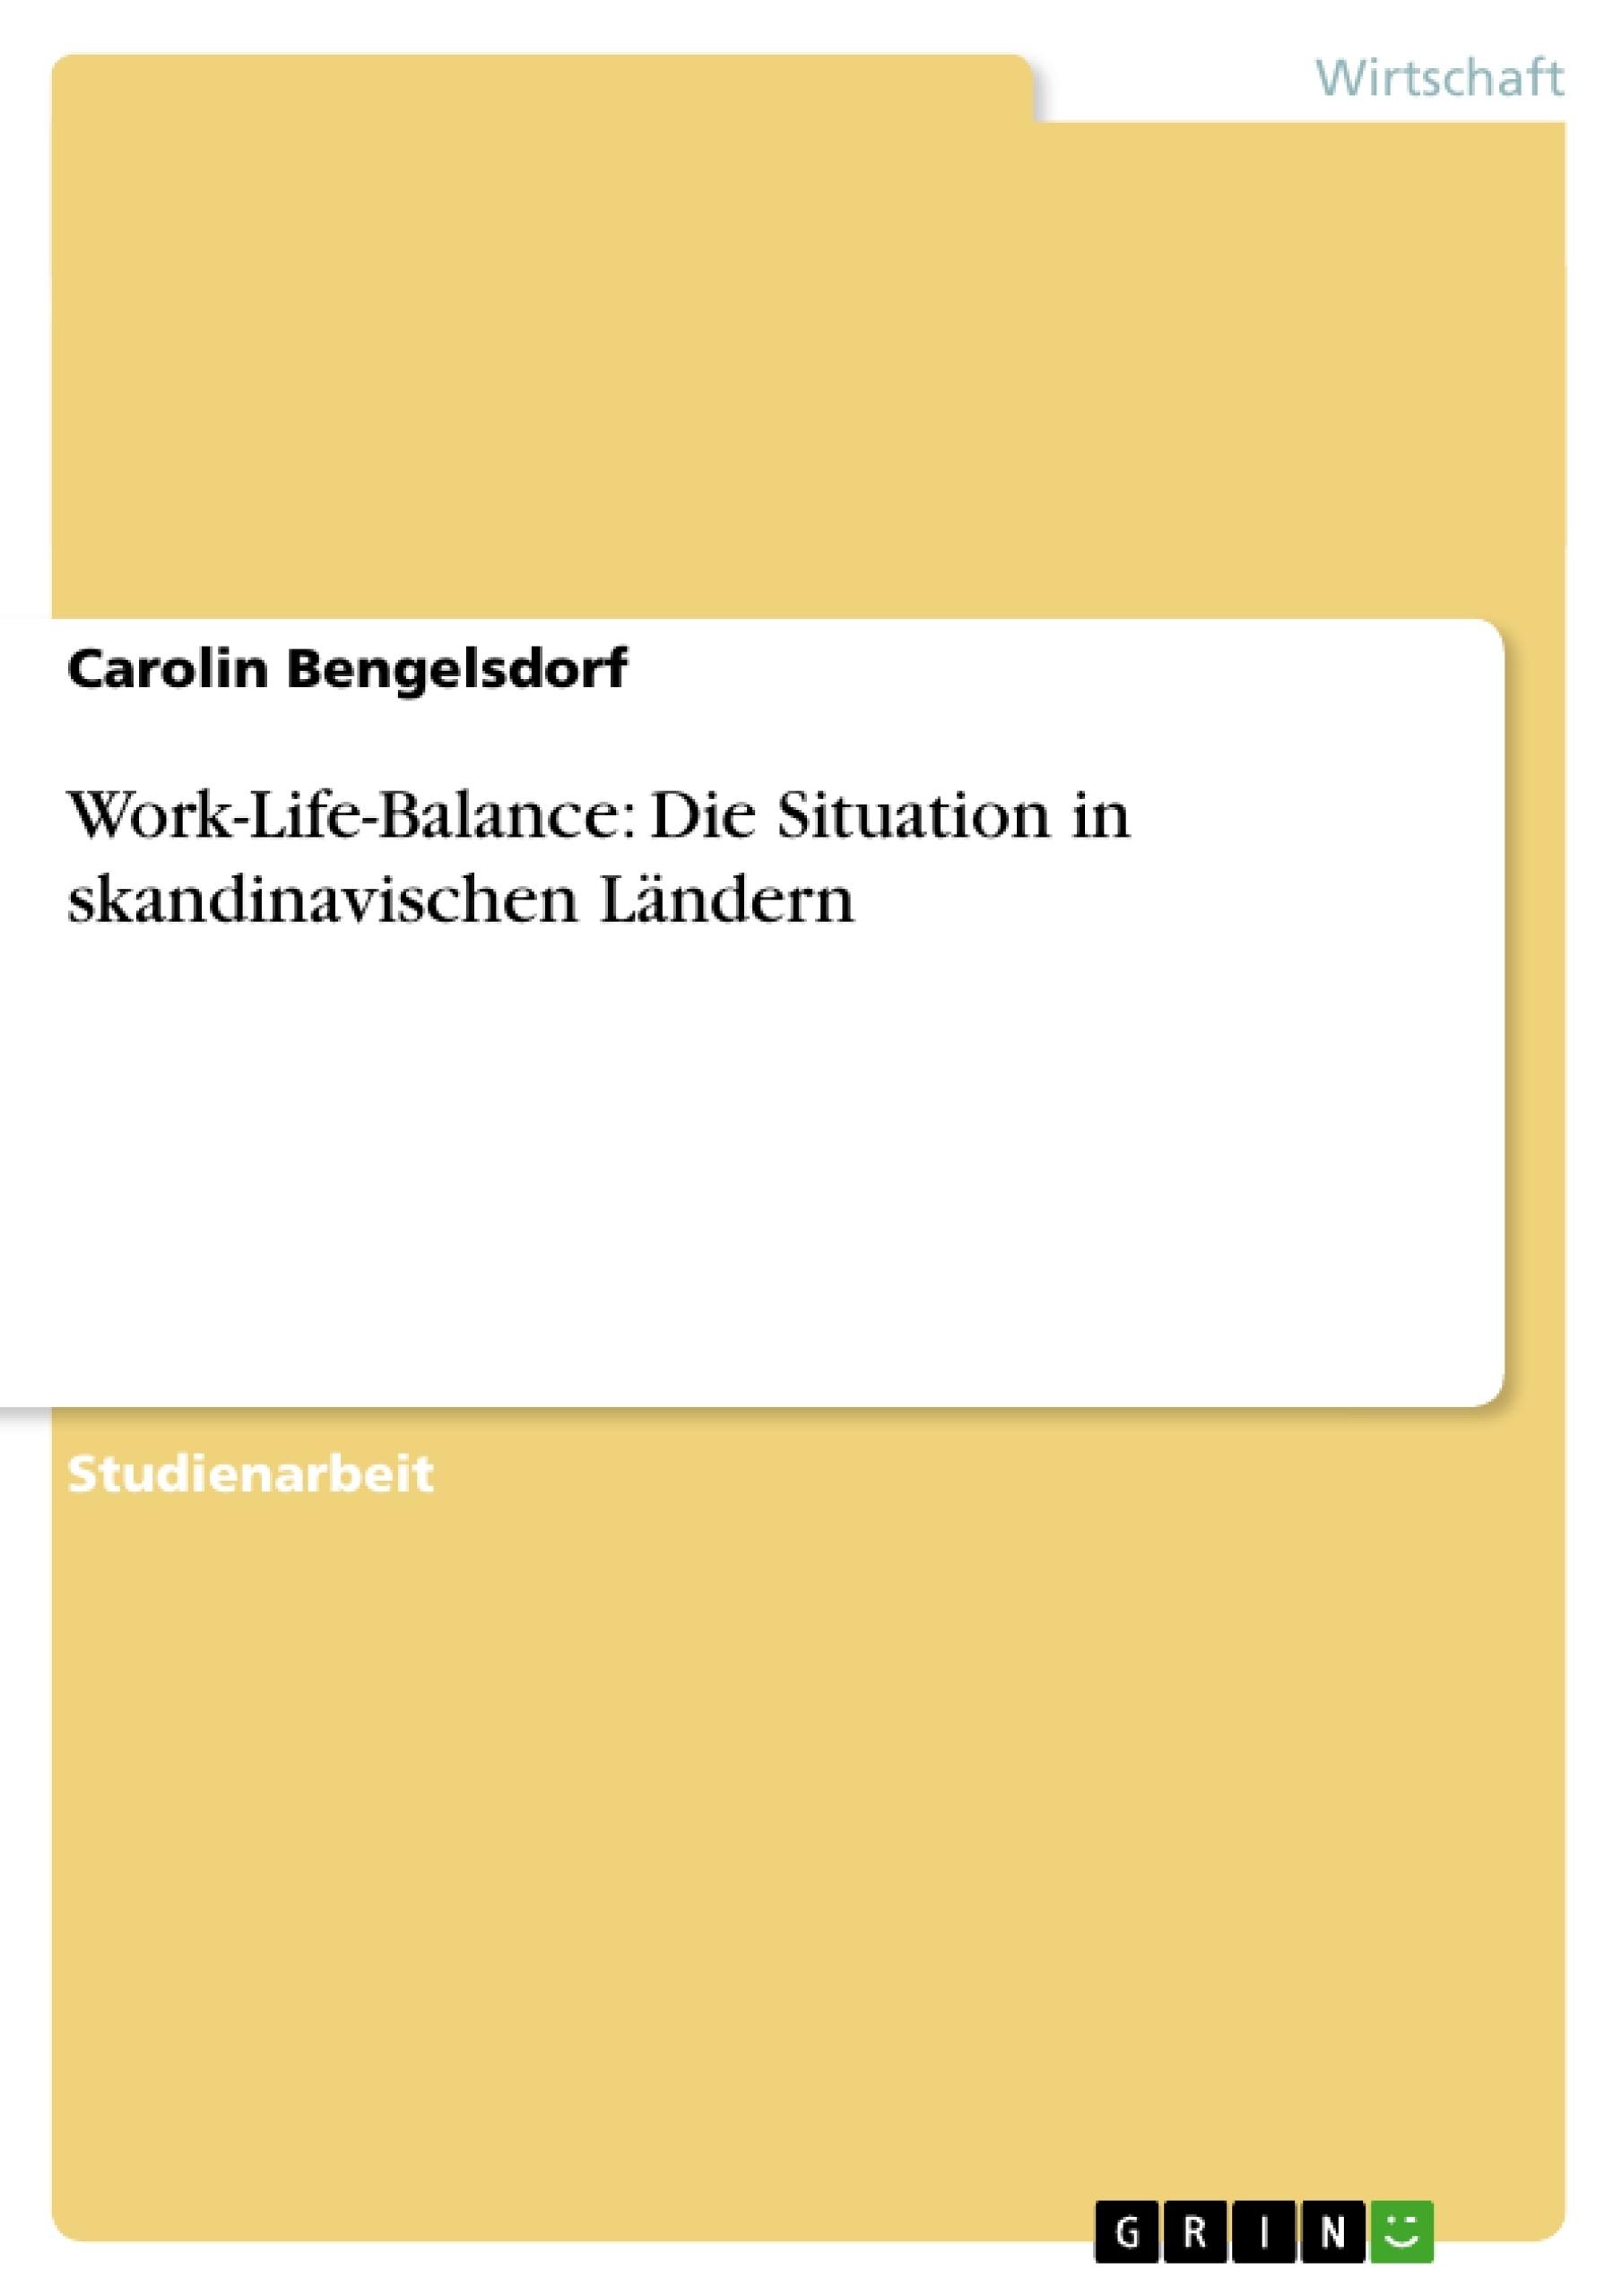 Titel: Work-Life-Balance: Die Situation in skandinavischen Ländern